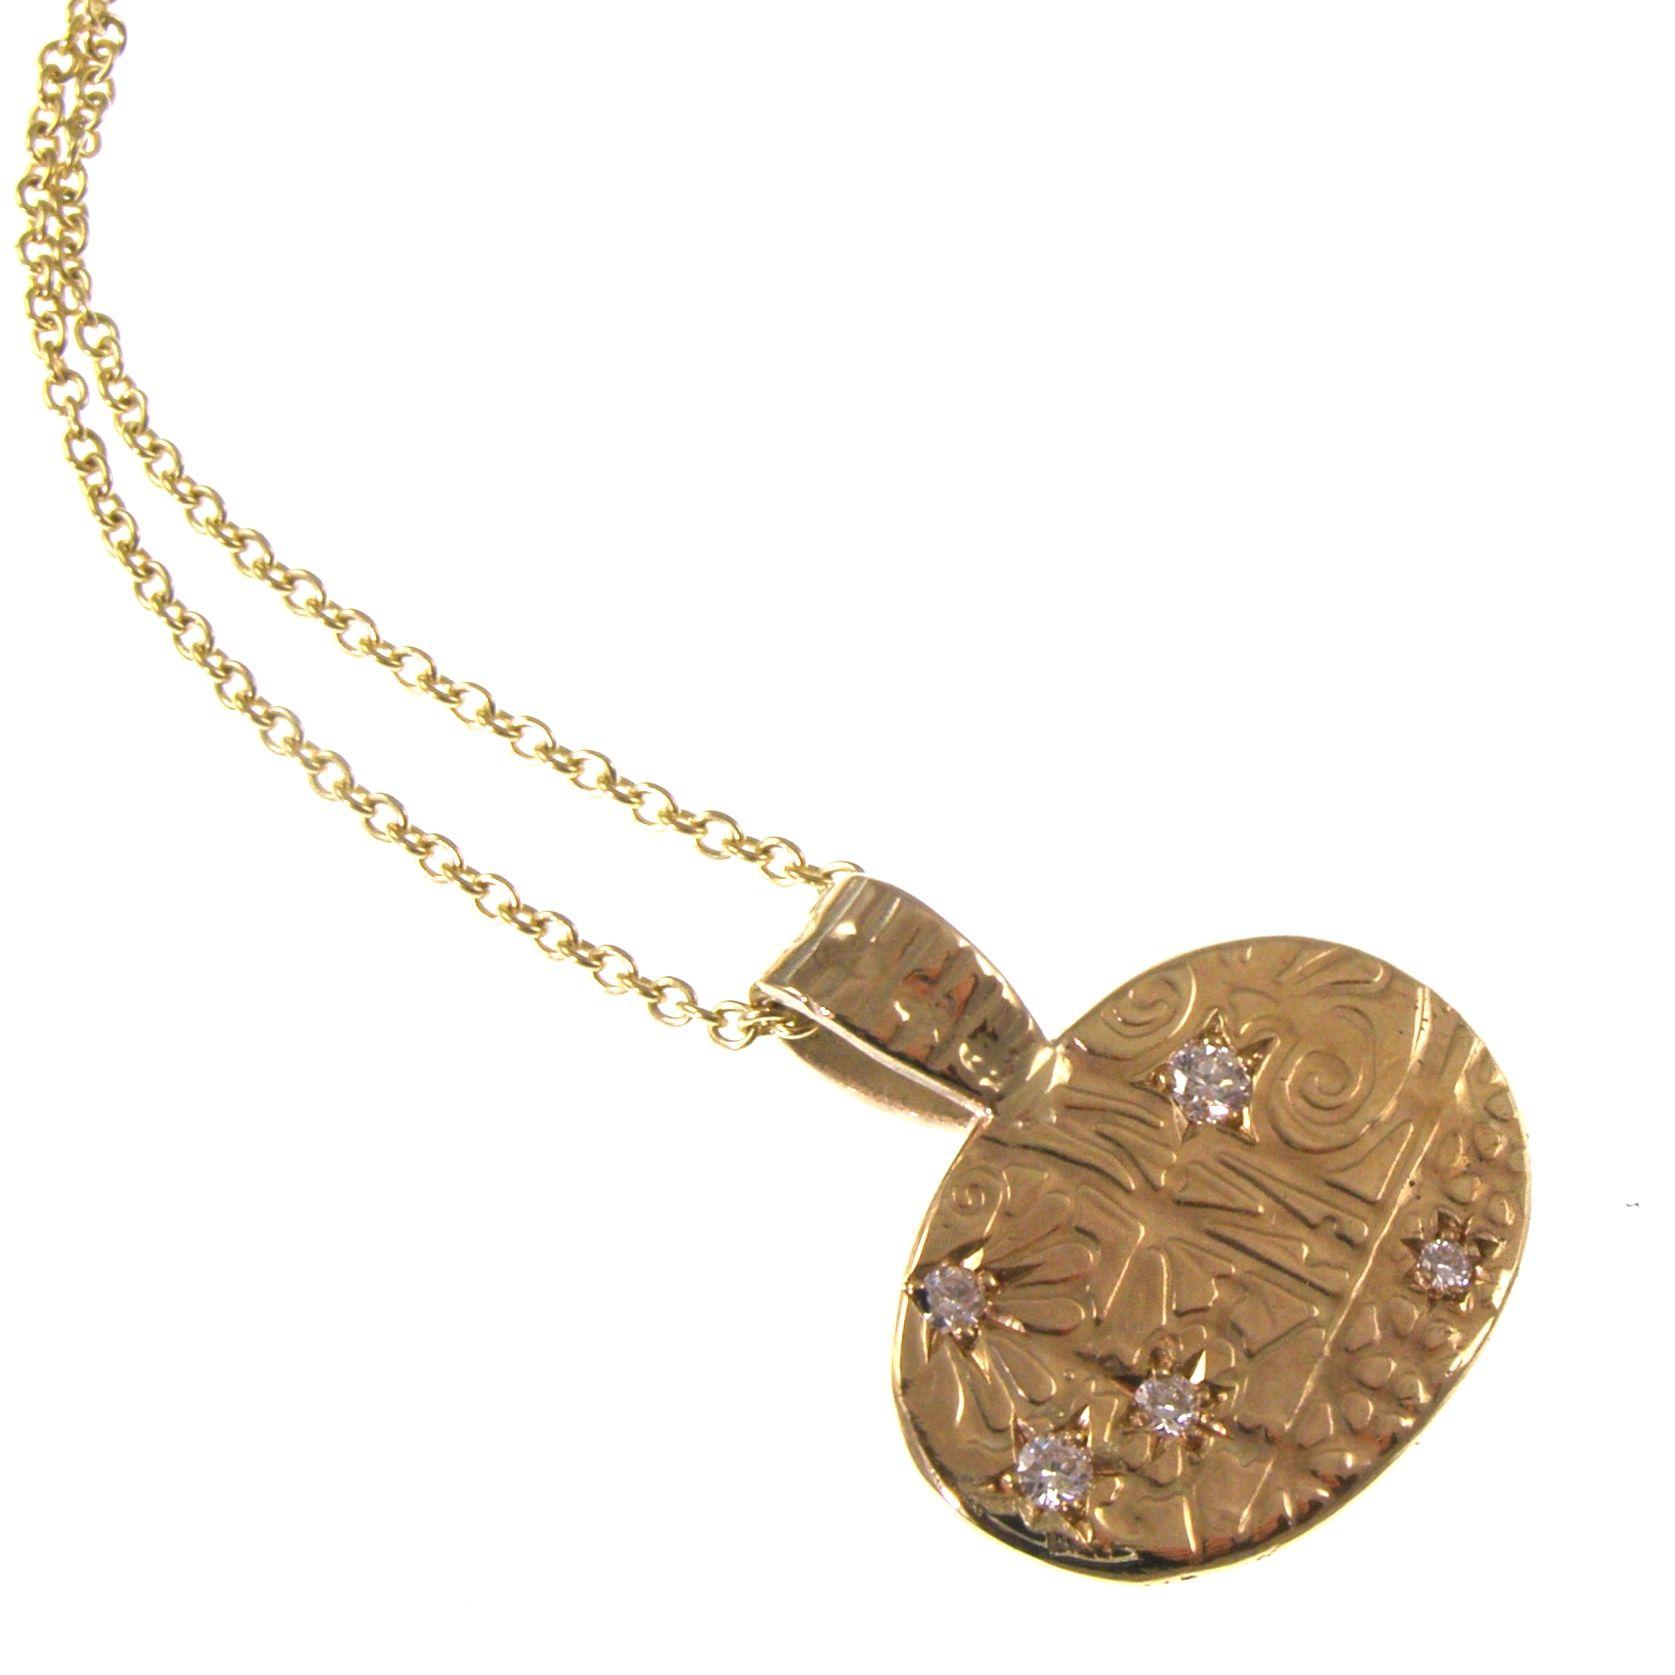 diamond studded gold necklace